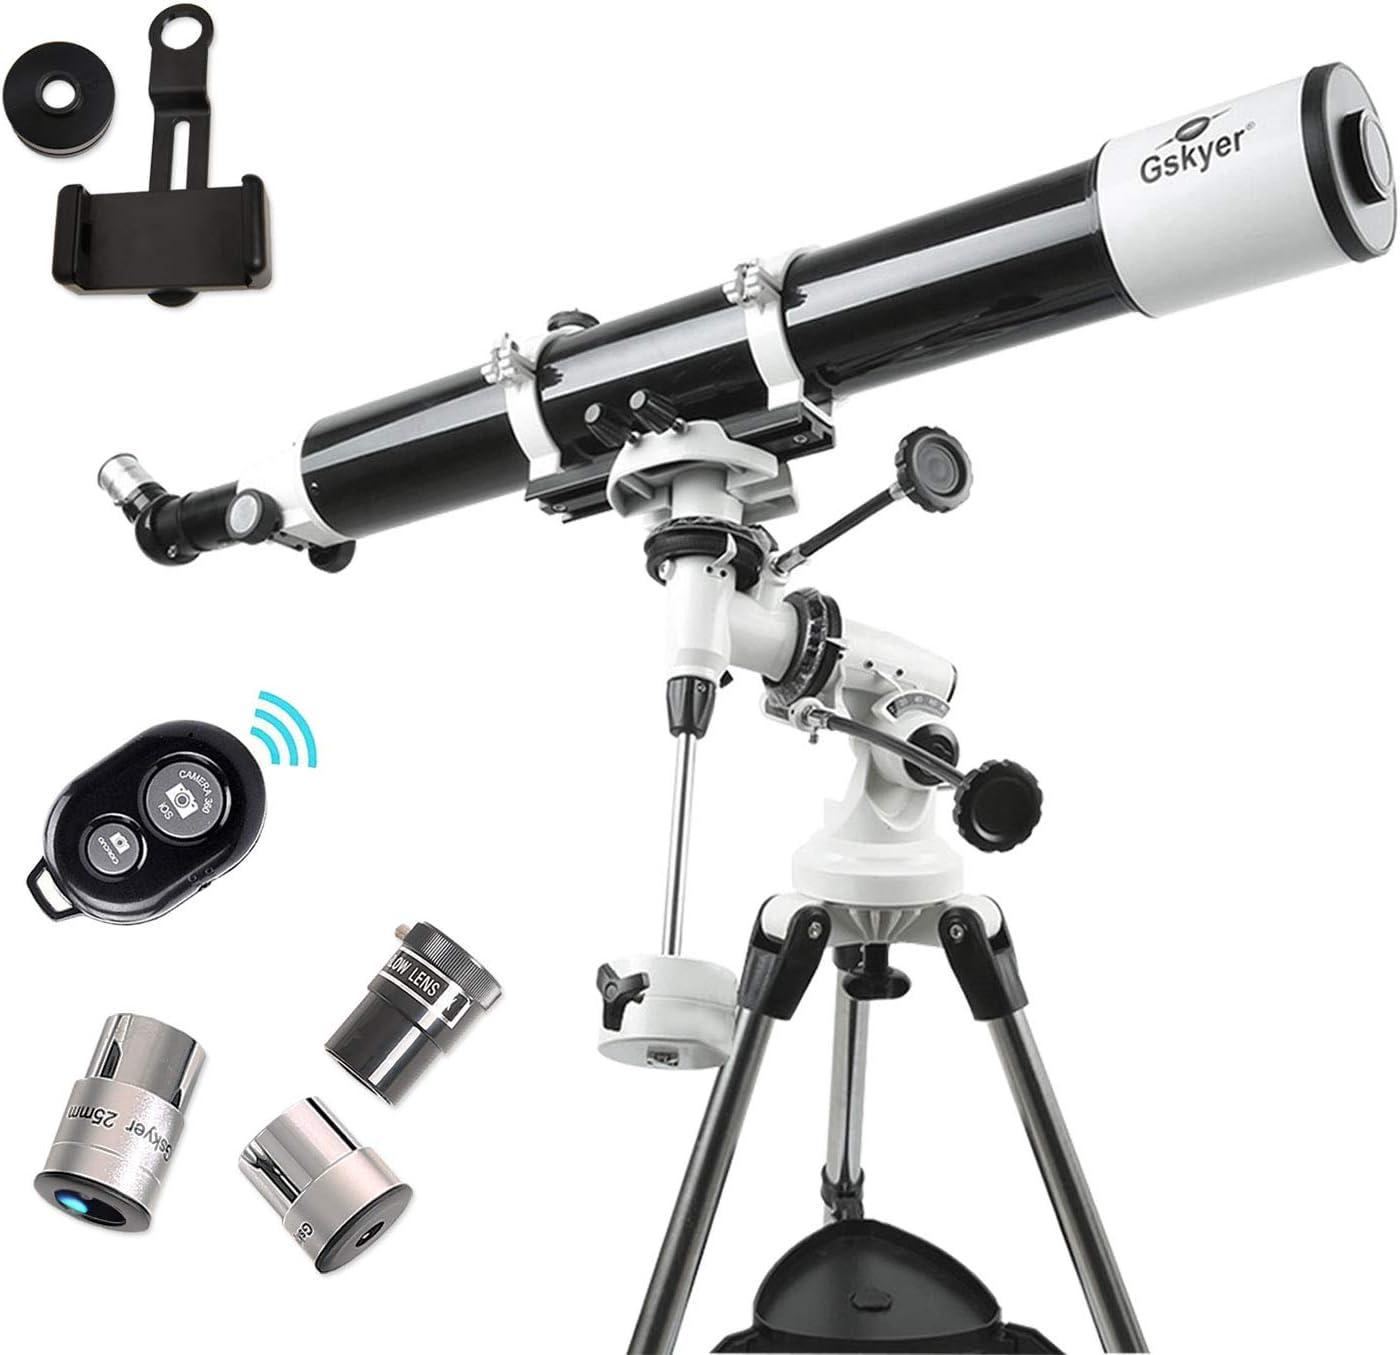 Gskyer Telescope 600x90mm AZ Astronomical Refractor Telescope German Technology Scope